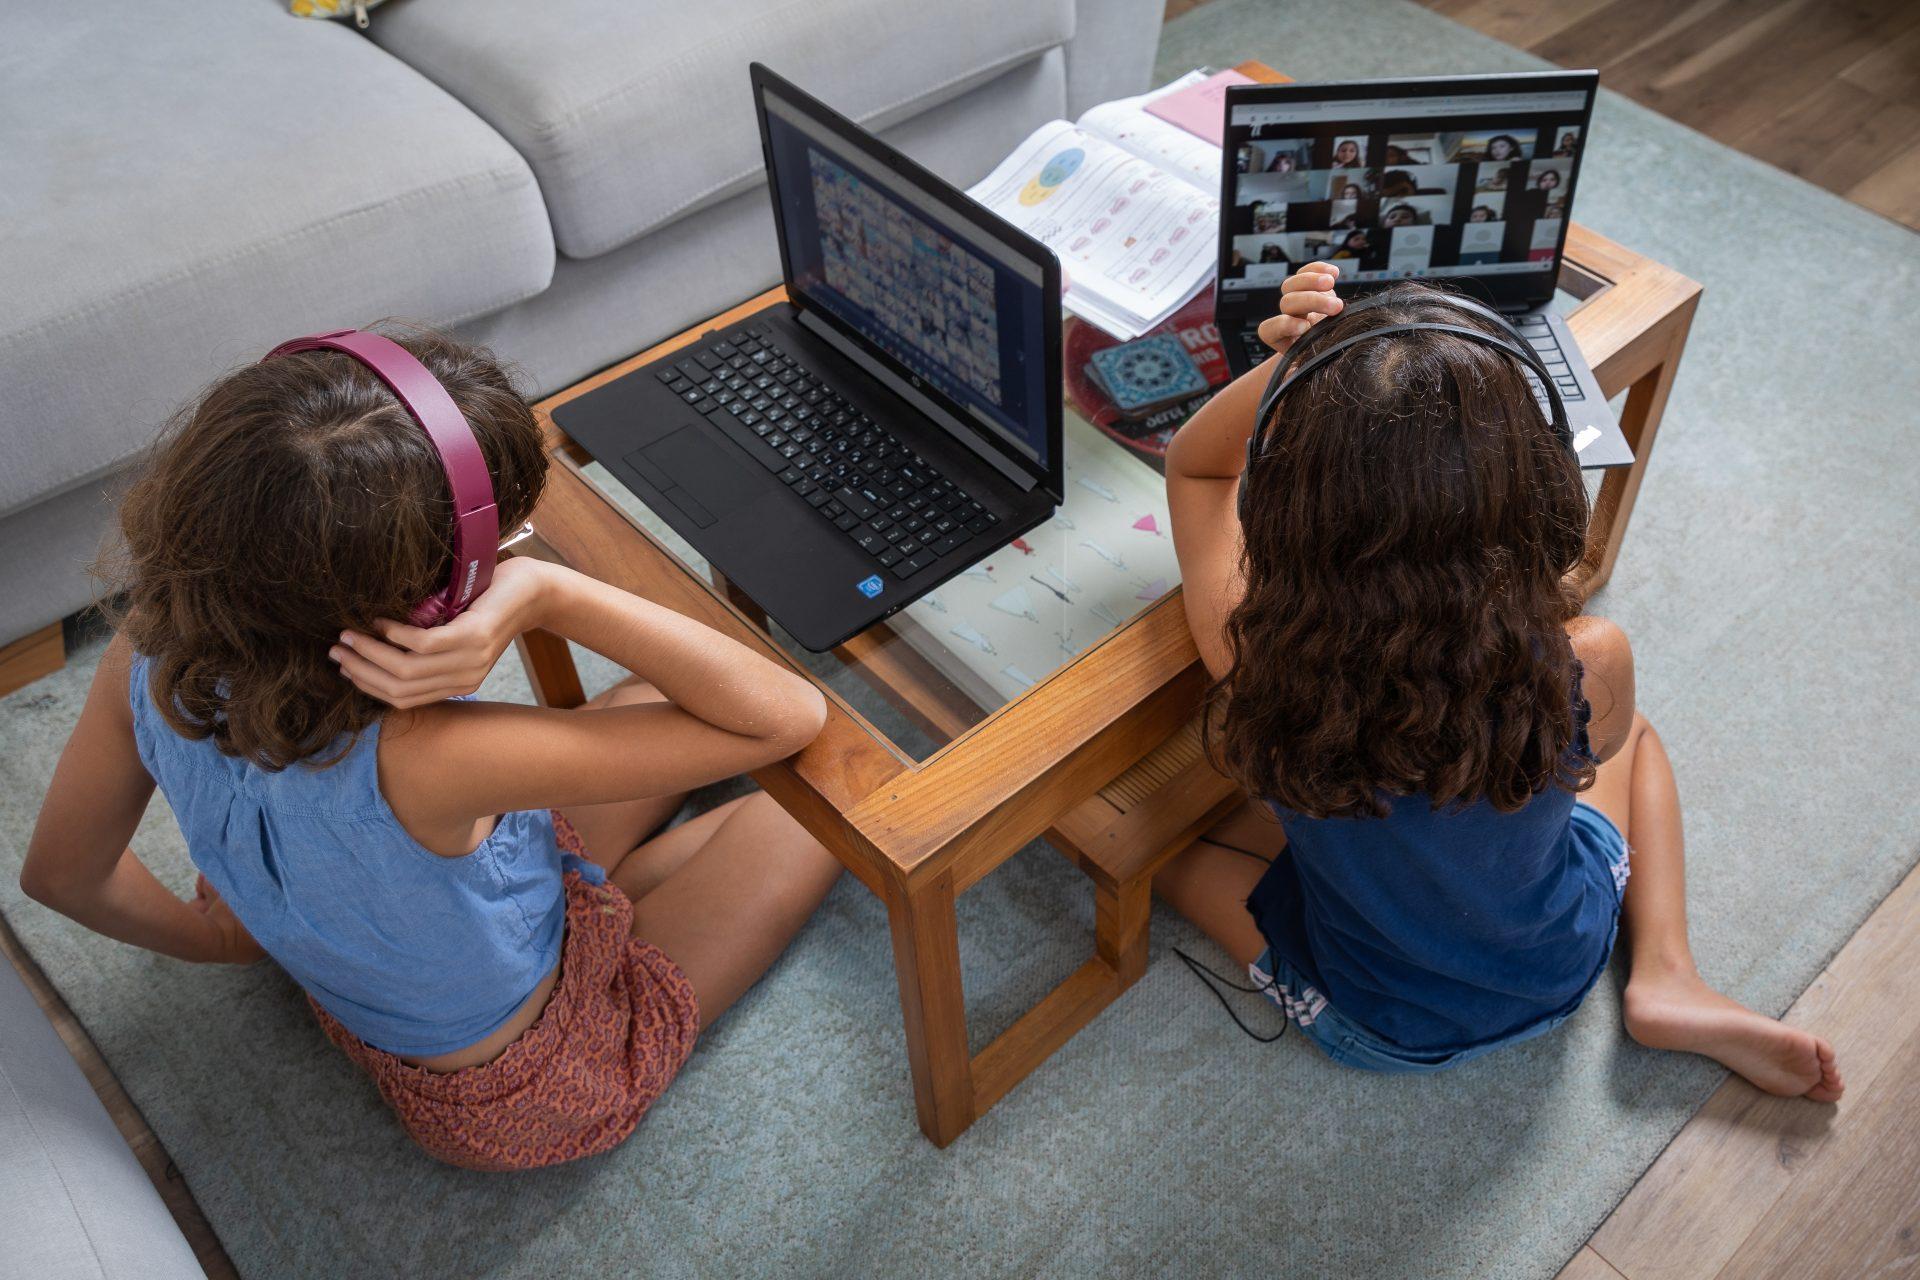 לימודים מהבית באמצעות זום בשל משבר הקורונה (צילום: אייל טואג)